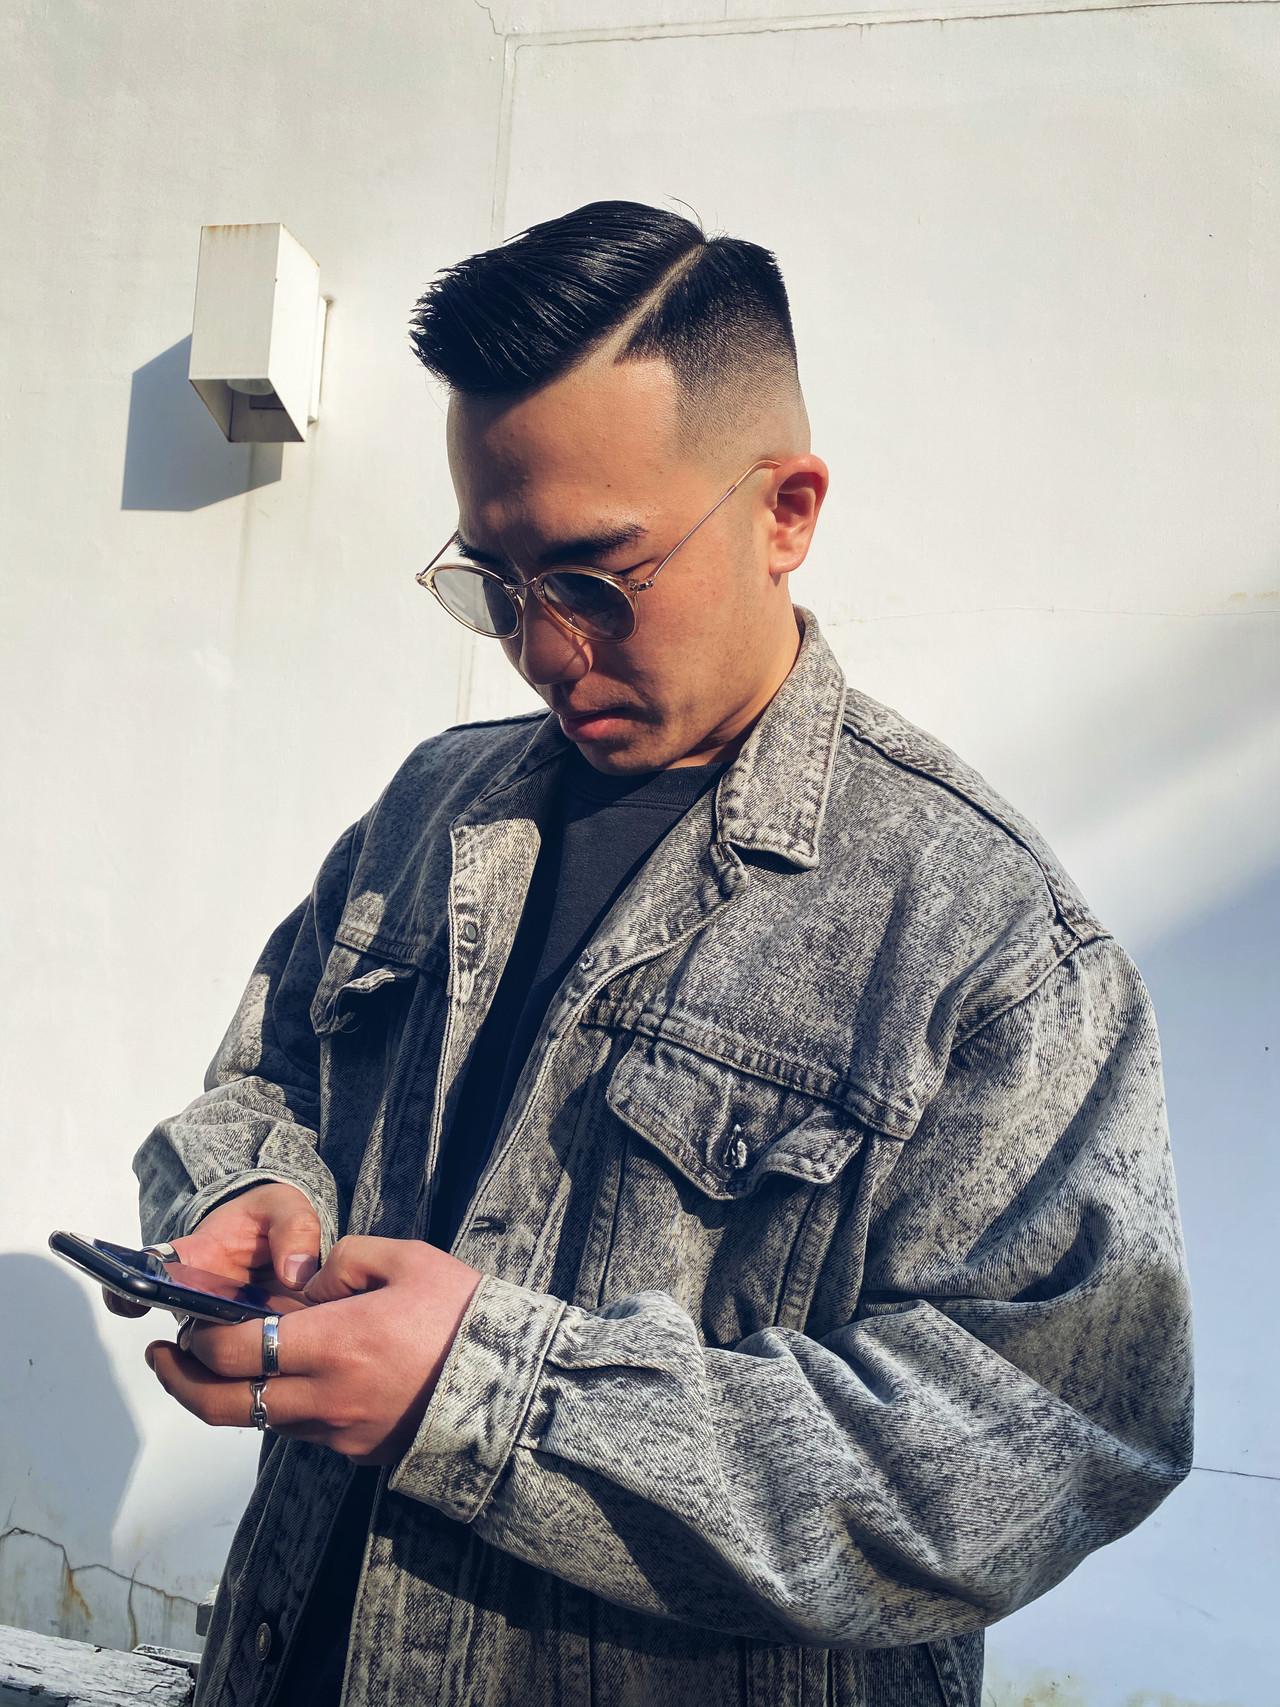 メンズヘア スキンフェード ショート ストリート ヘアスタイルや髪型の写真・画像 | メンズカット専門 NAKAMINE RYOMA / Men's grooming salon Aoyama